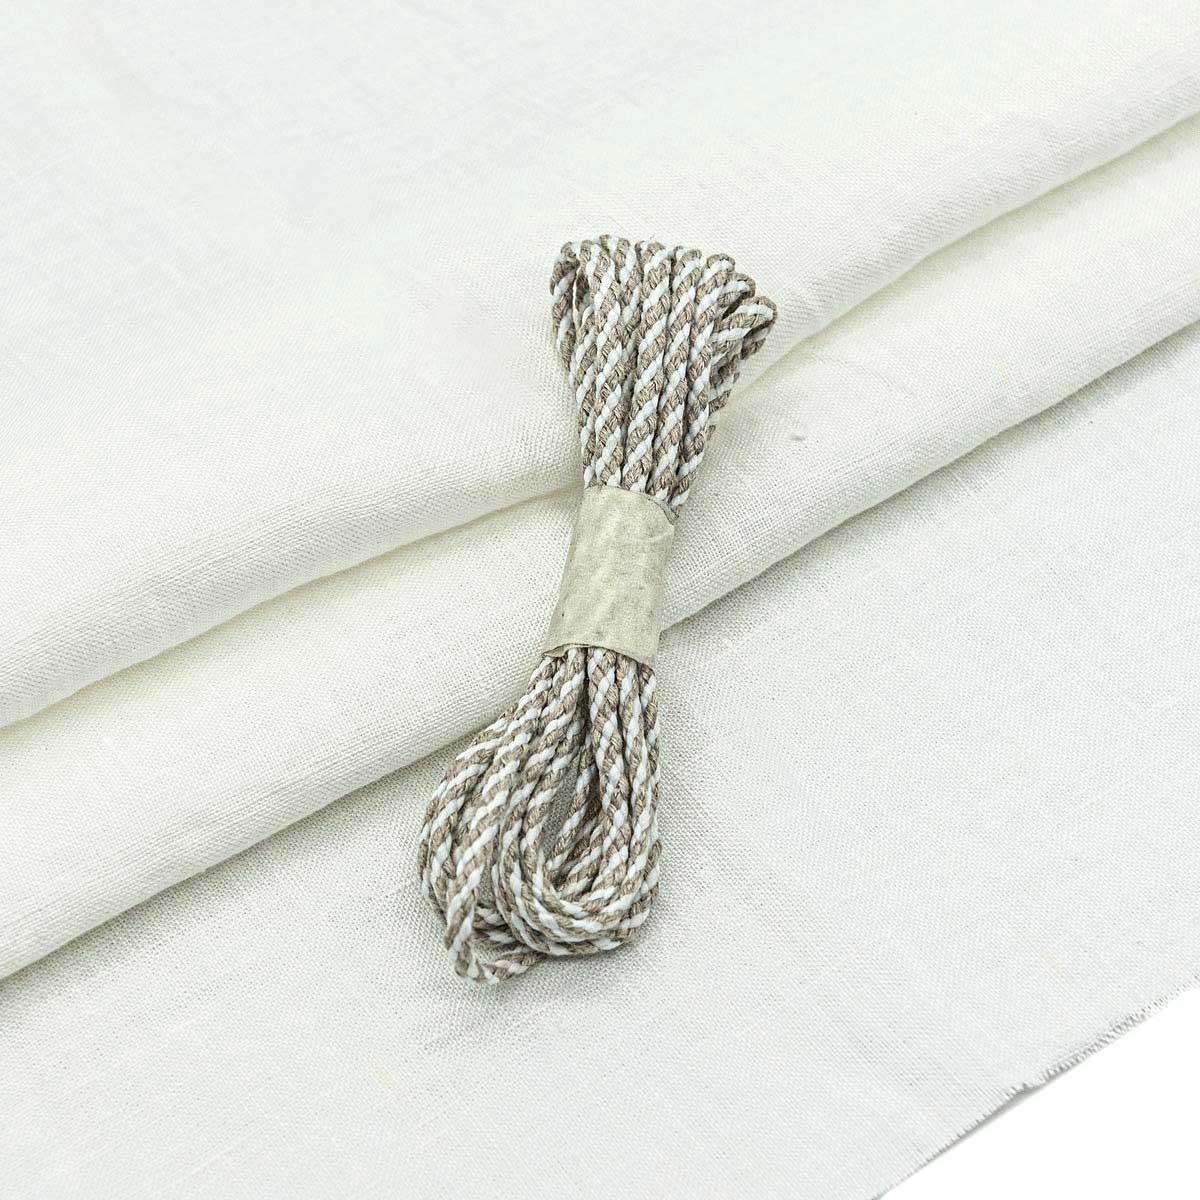 28961 Набор для творчеста 'Ткань лён со шнуром ' (100% лён / 100%хб. 45*50см/2м),цв.бел.+бел./натур